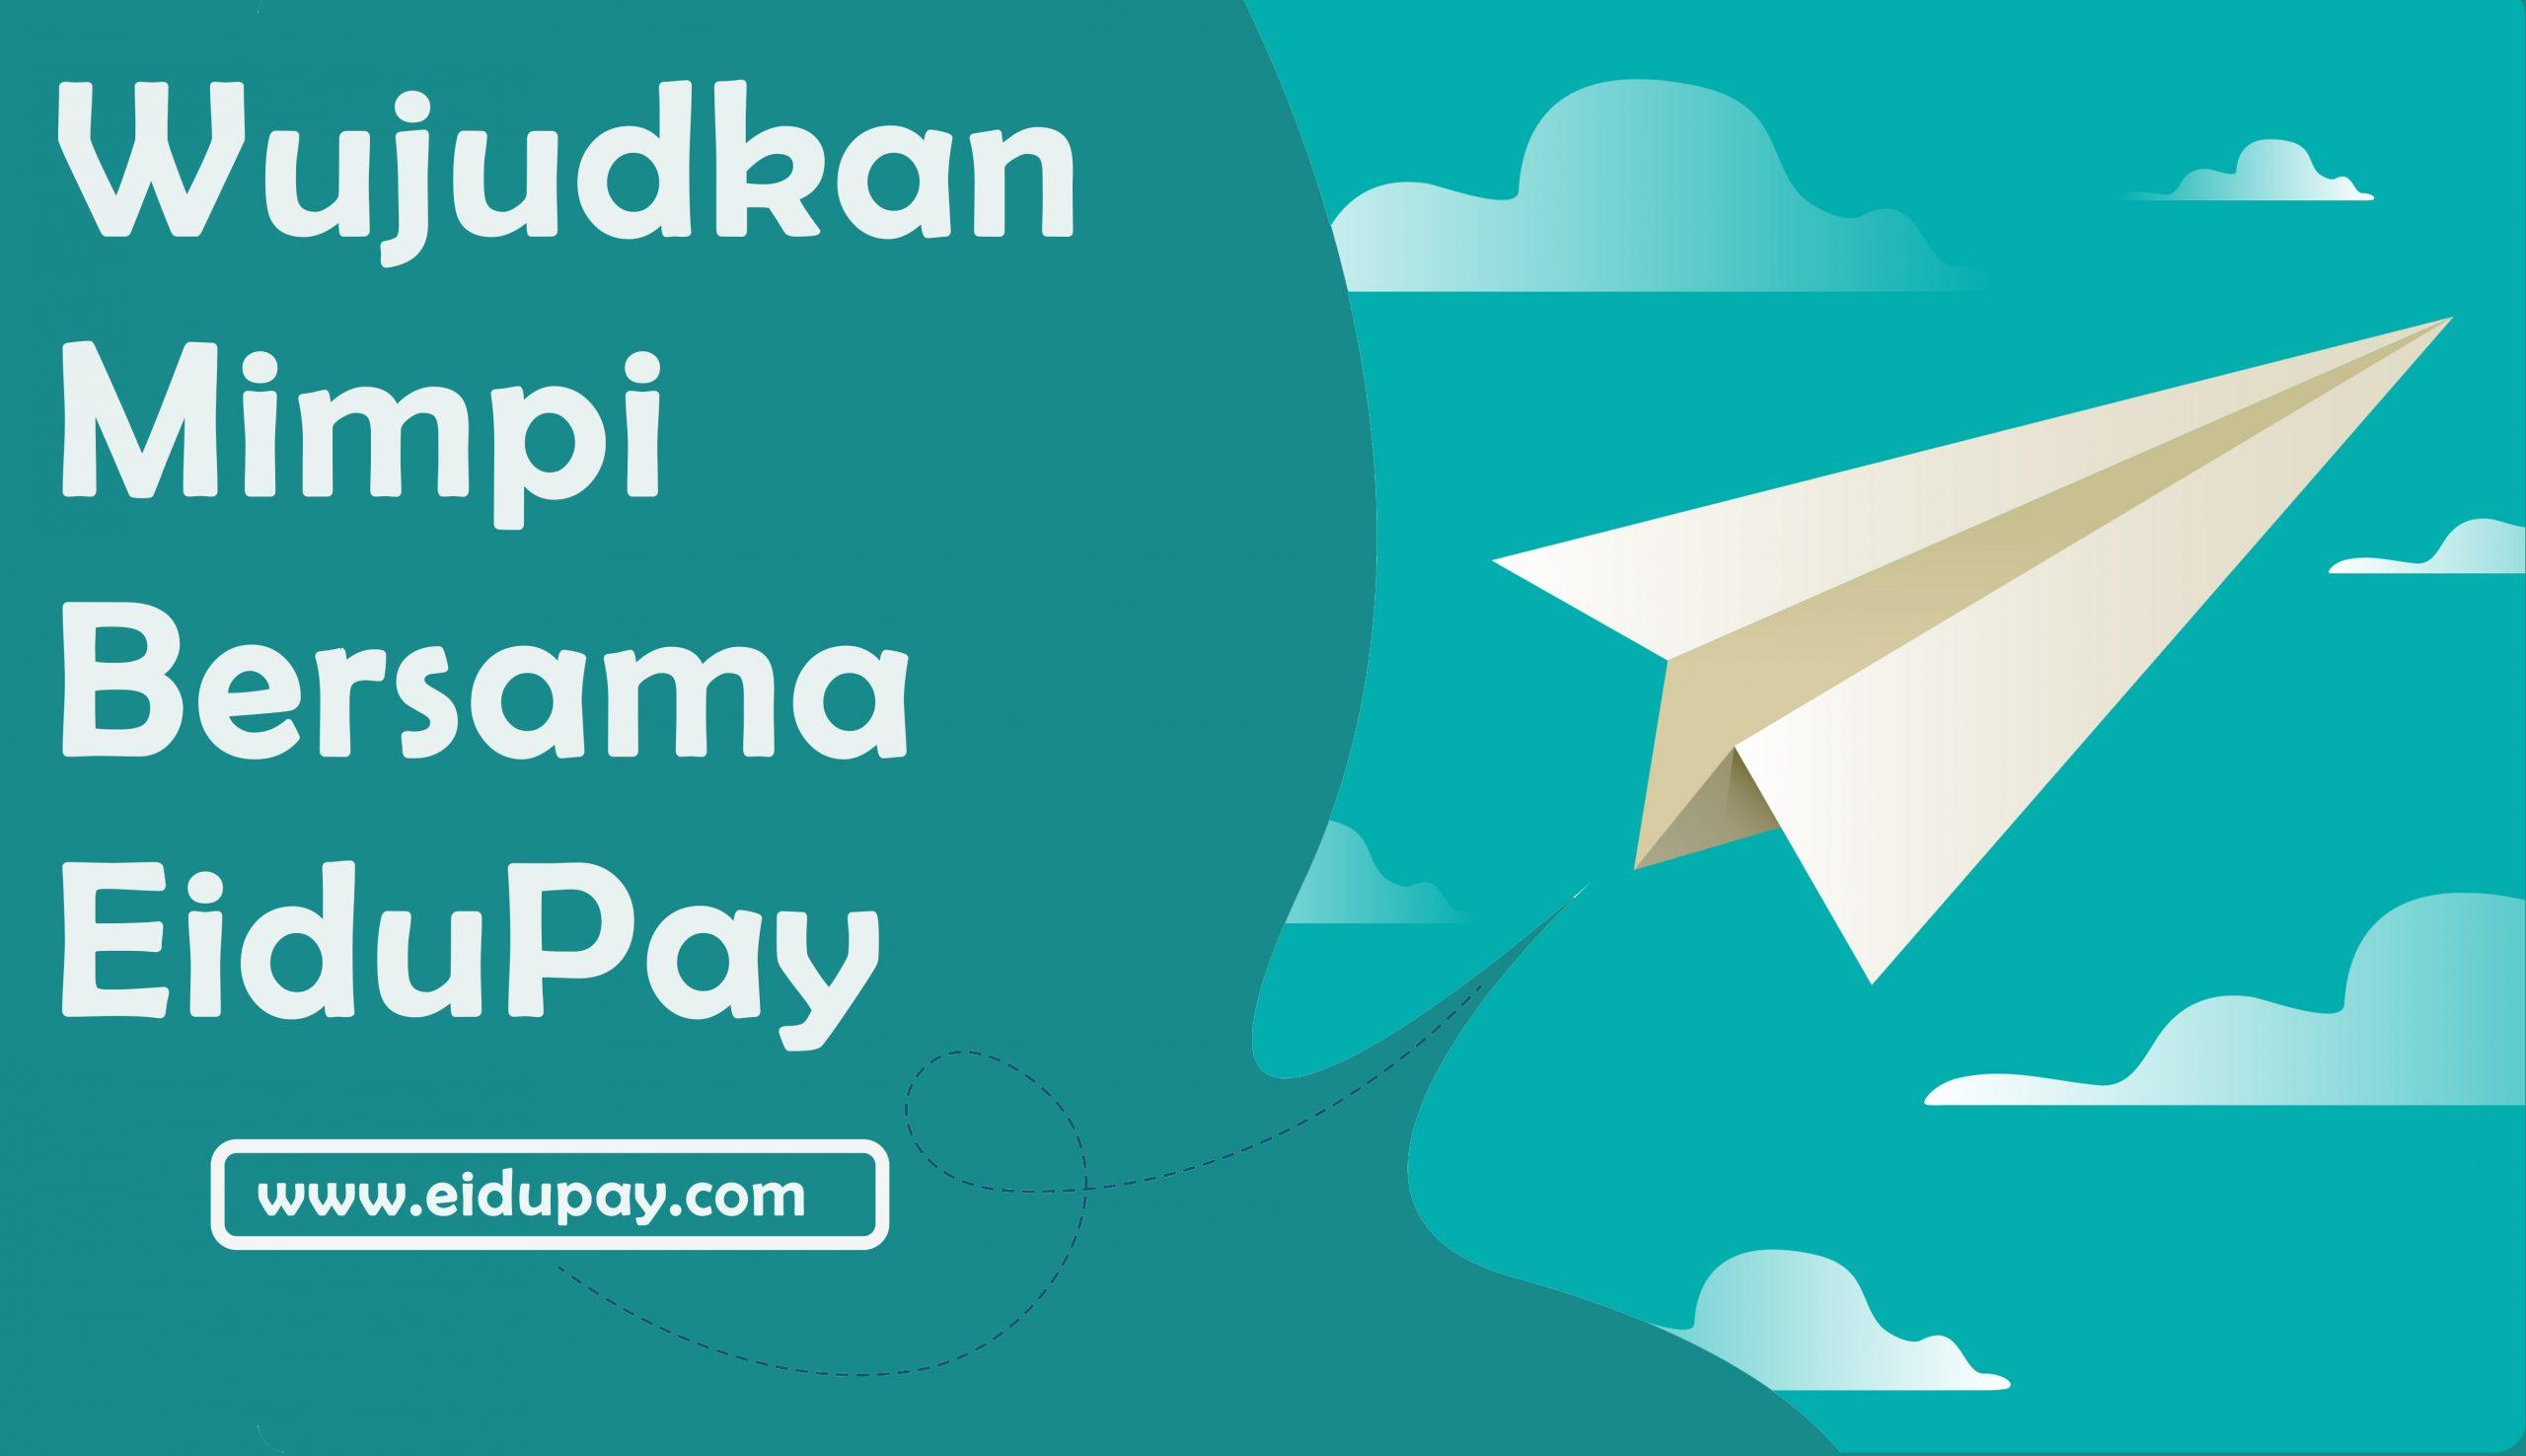 Wujudkan Mimpi Bersama EiduPay